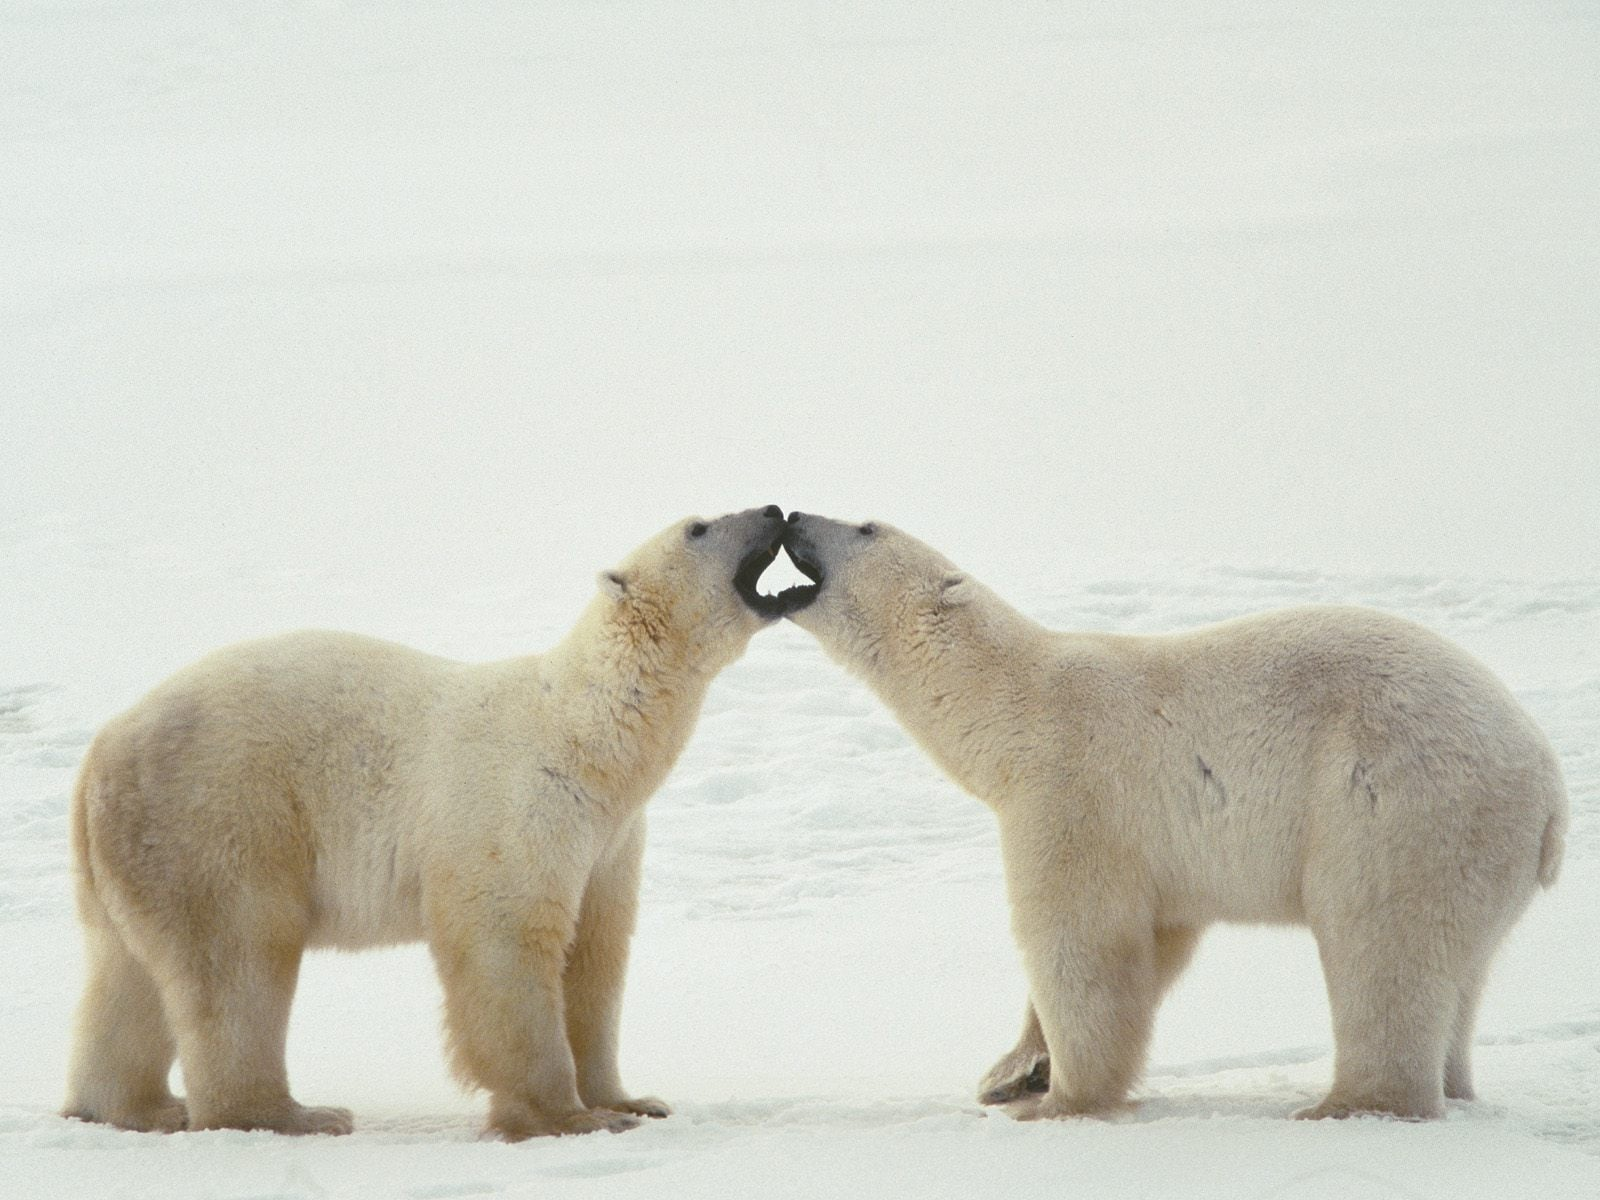 Kutup Ayısı Resimleri – 4